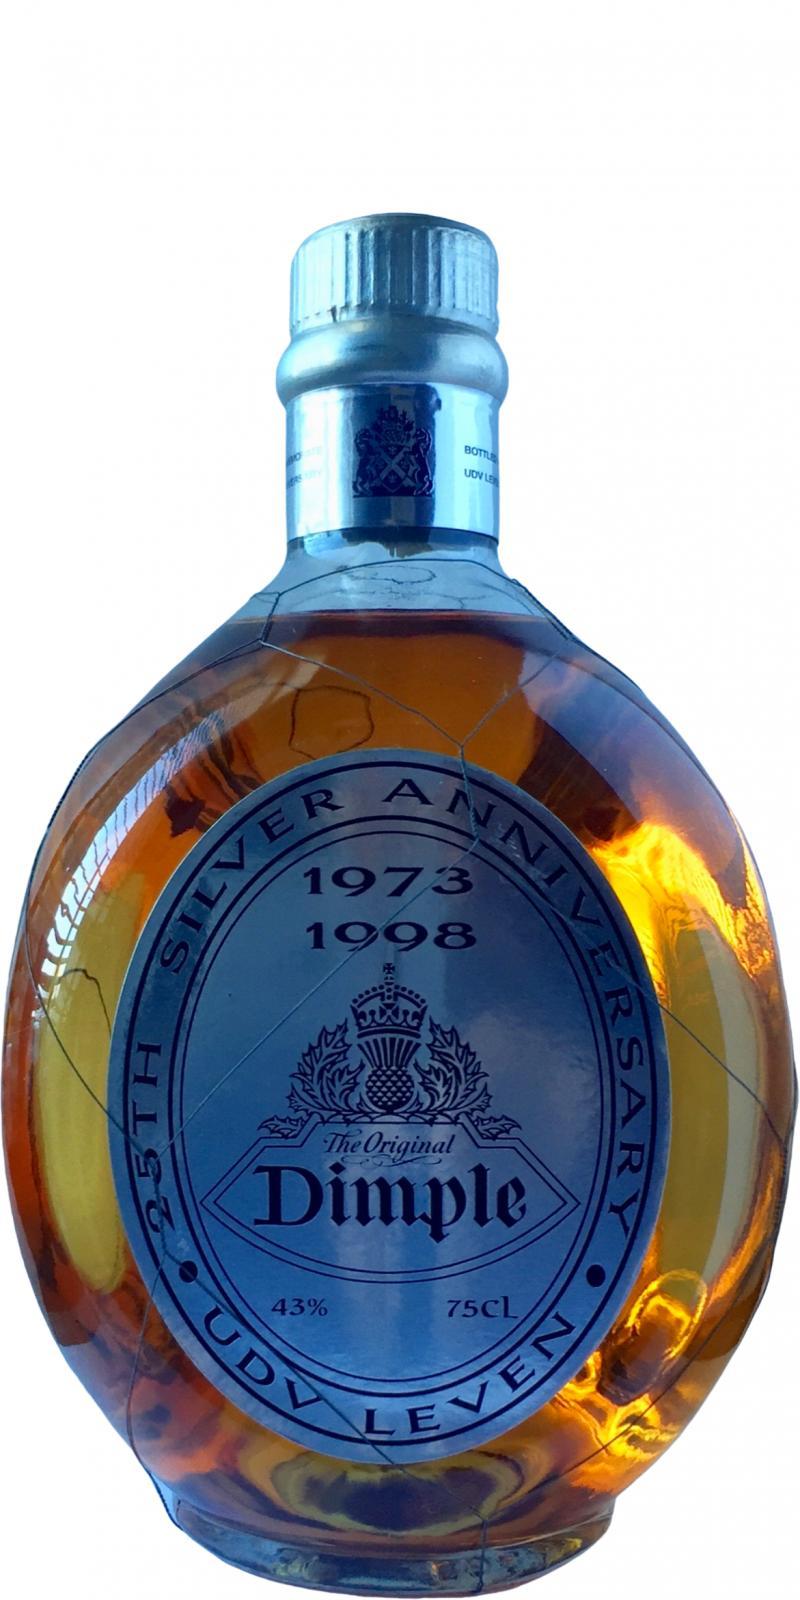 Dimple 25th Silver Anniversary UDV Leven